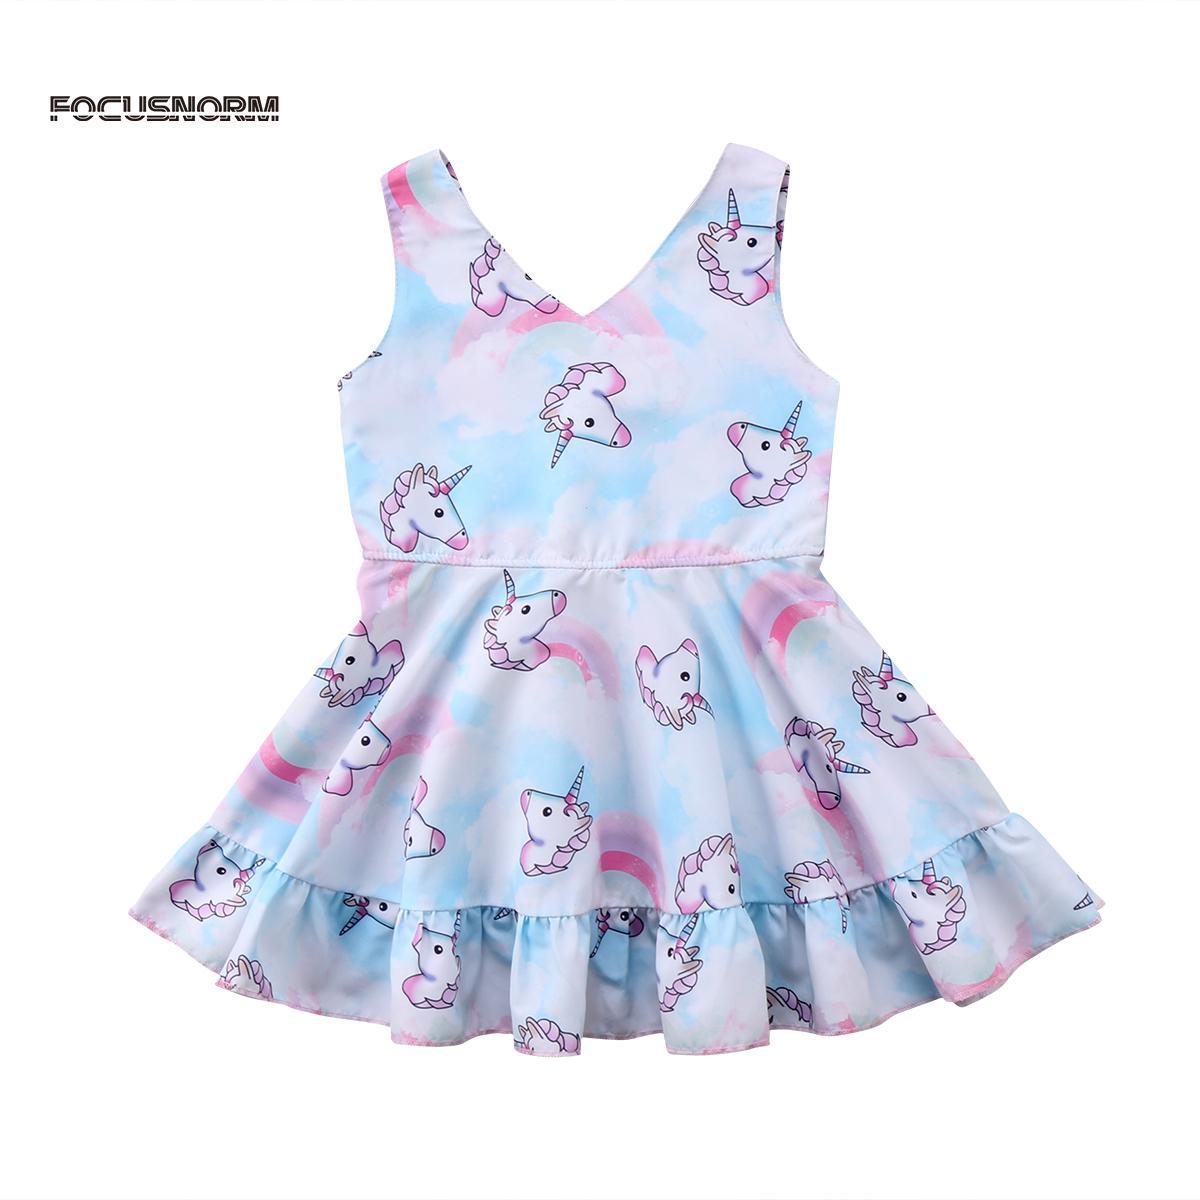 ce48fb7db6ad7 Acheter Robes De Licorne Adorables 2018 New Toddler Enfants Bébé Filles  Princesse Sans Manches Désherbage Party Dress Vêtements D été Costume Pour  Enfants ...